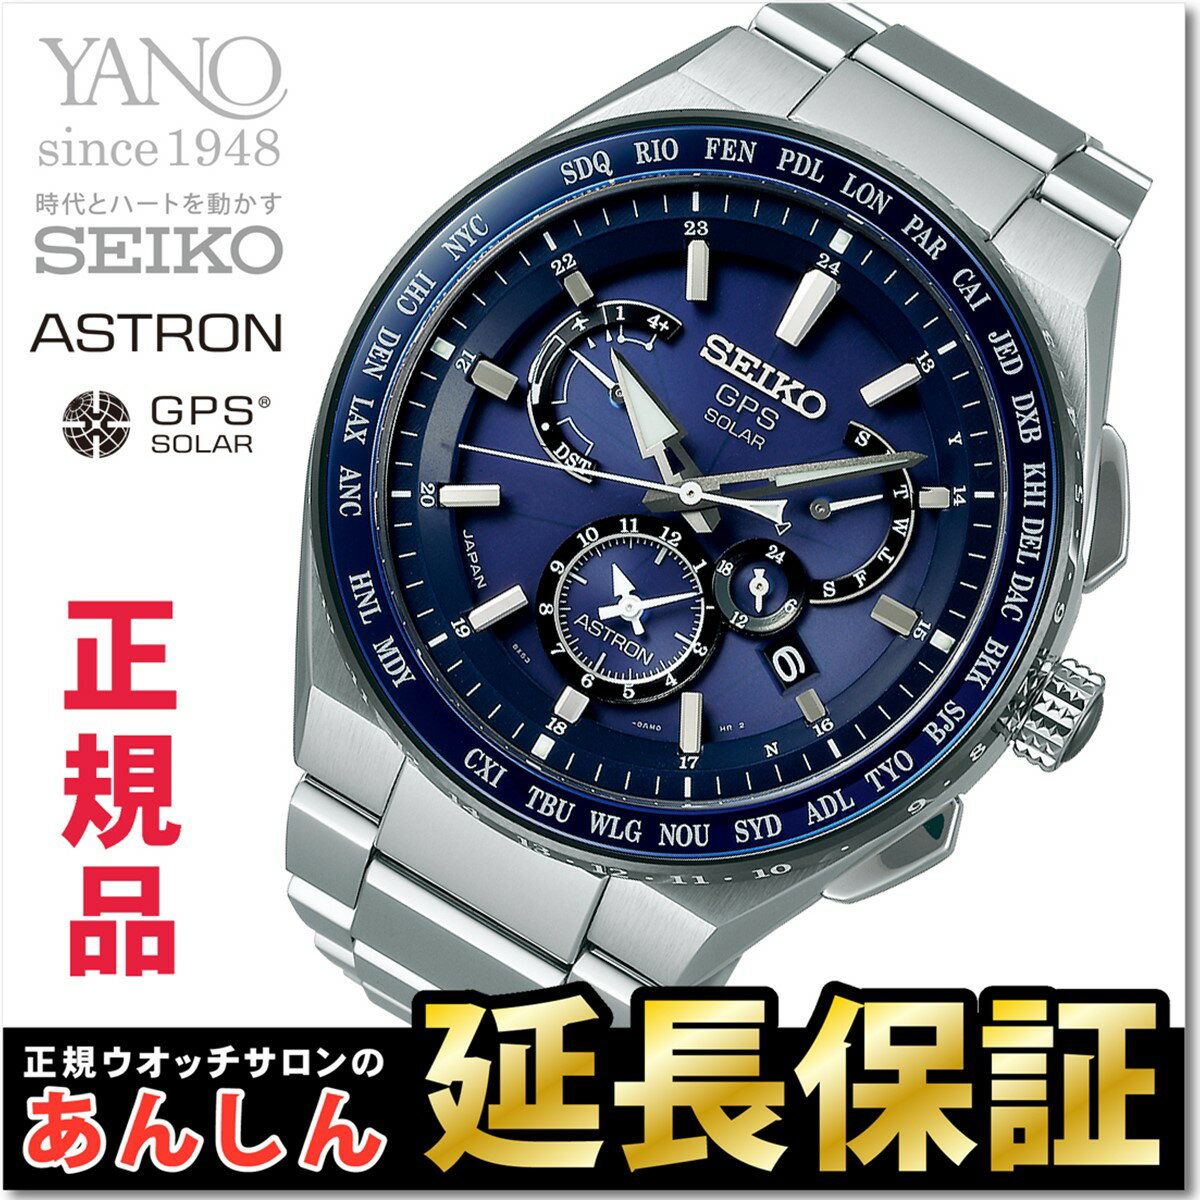 【当店だけのノベルティトレイ&ショッパー付き!】SEIKO ASTRON セイコー アストロン SBXB155 エグゼクティブライン GPSソーラー 衛星電波時計 メンズ 腕時計 【1117】_10spl